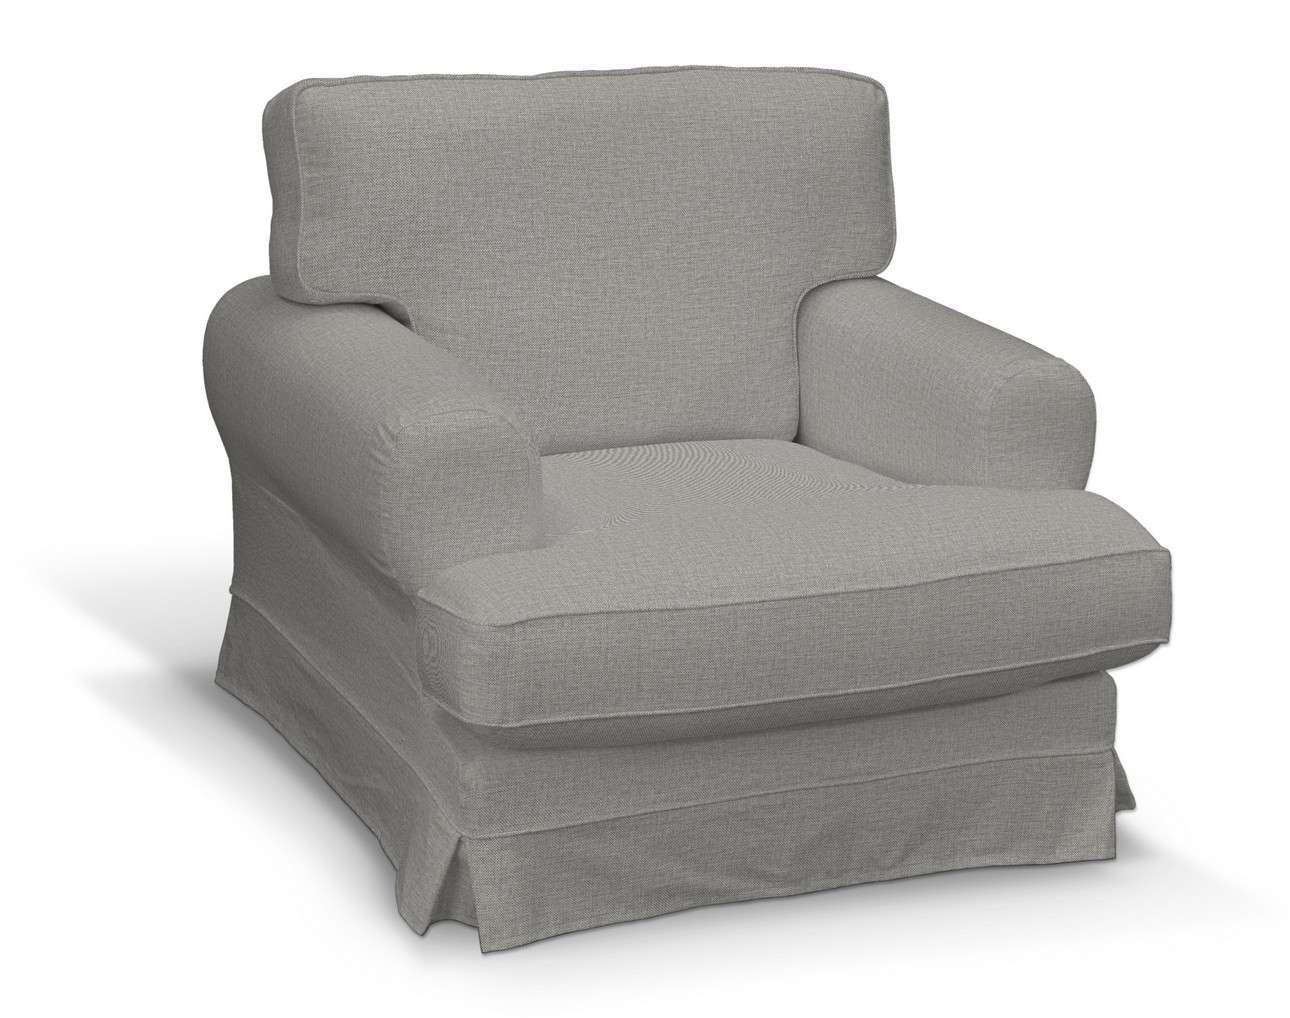 Pokrowiec na fotel Ekeskog w kolekcji Living II, tkanina: 160-89